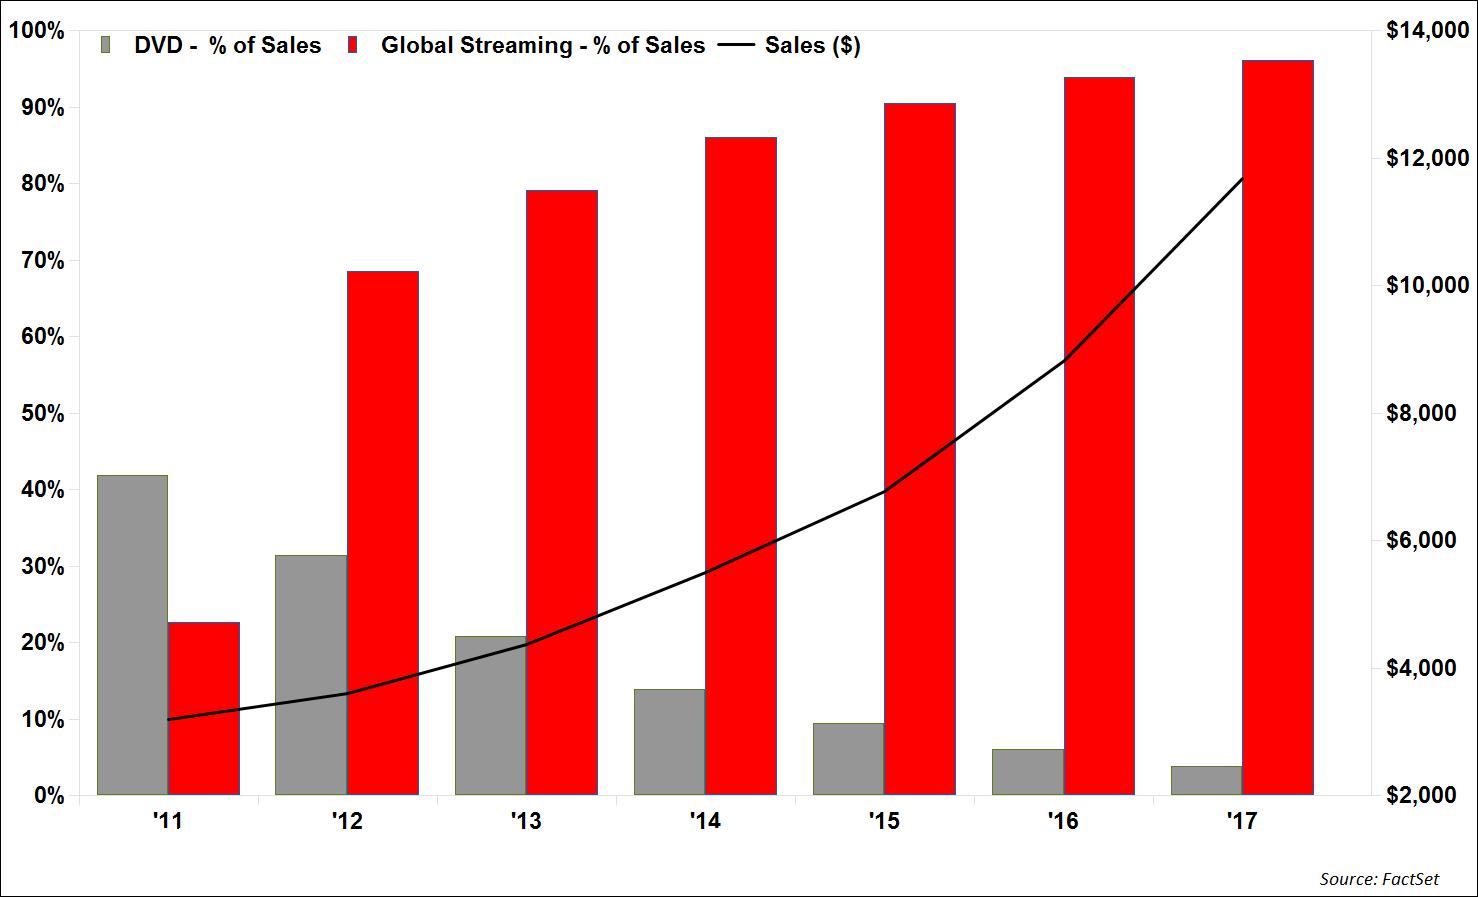 DVD sales vs global streaming sales